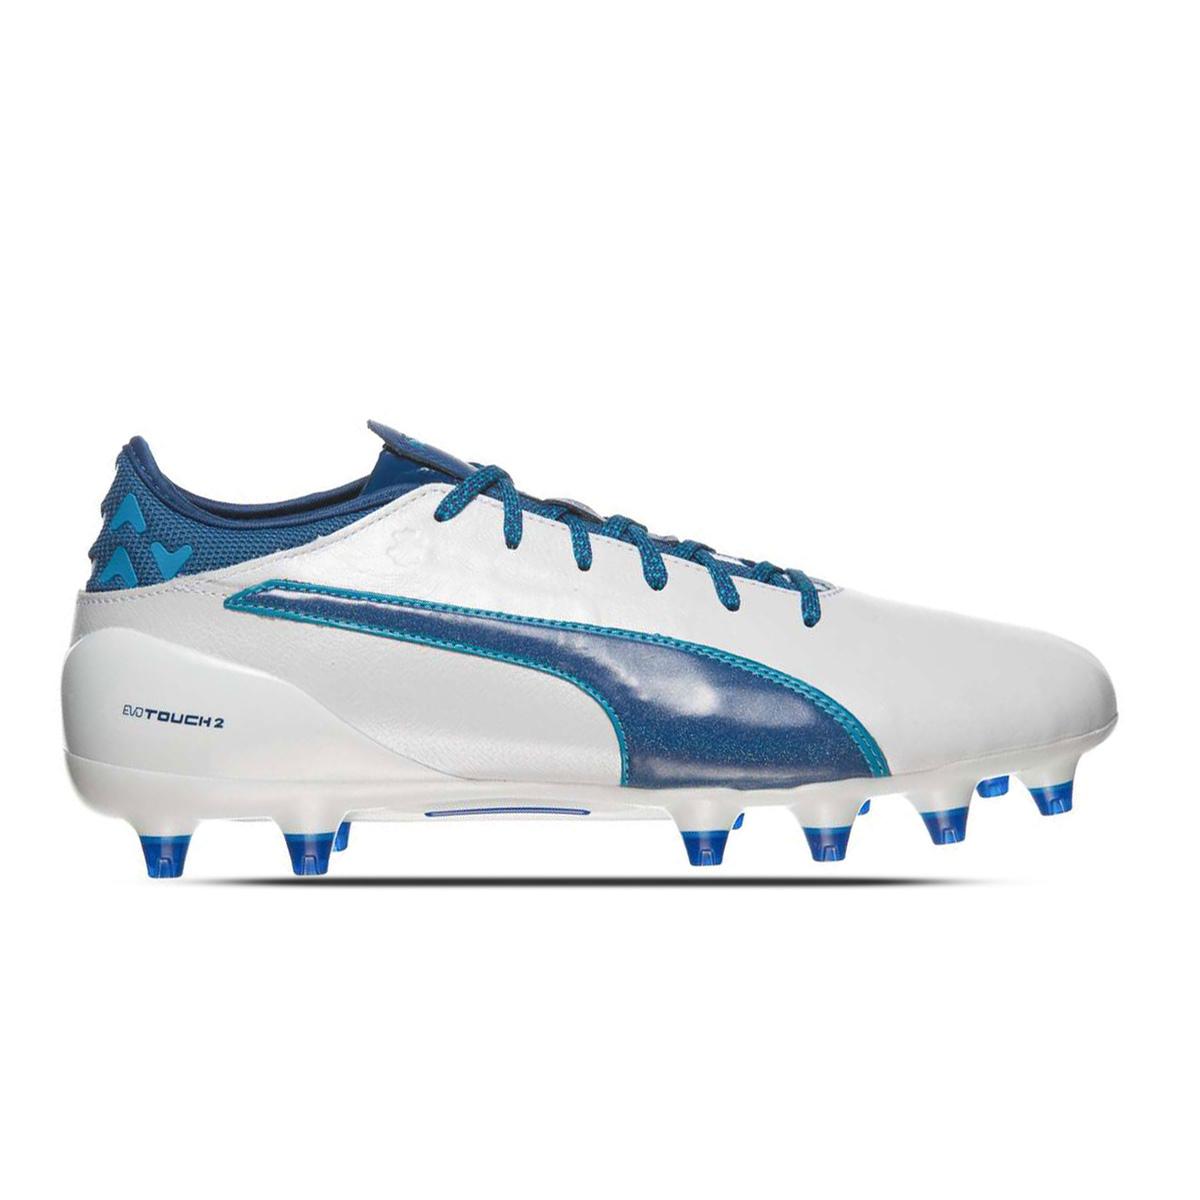 Calcio Calcio Scarpe Maxisport Sport Shopping fdWCPxcF